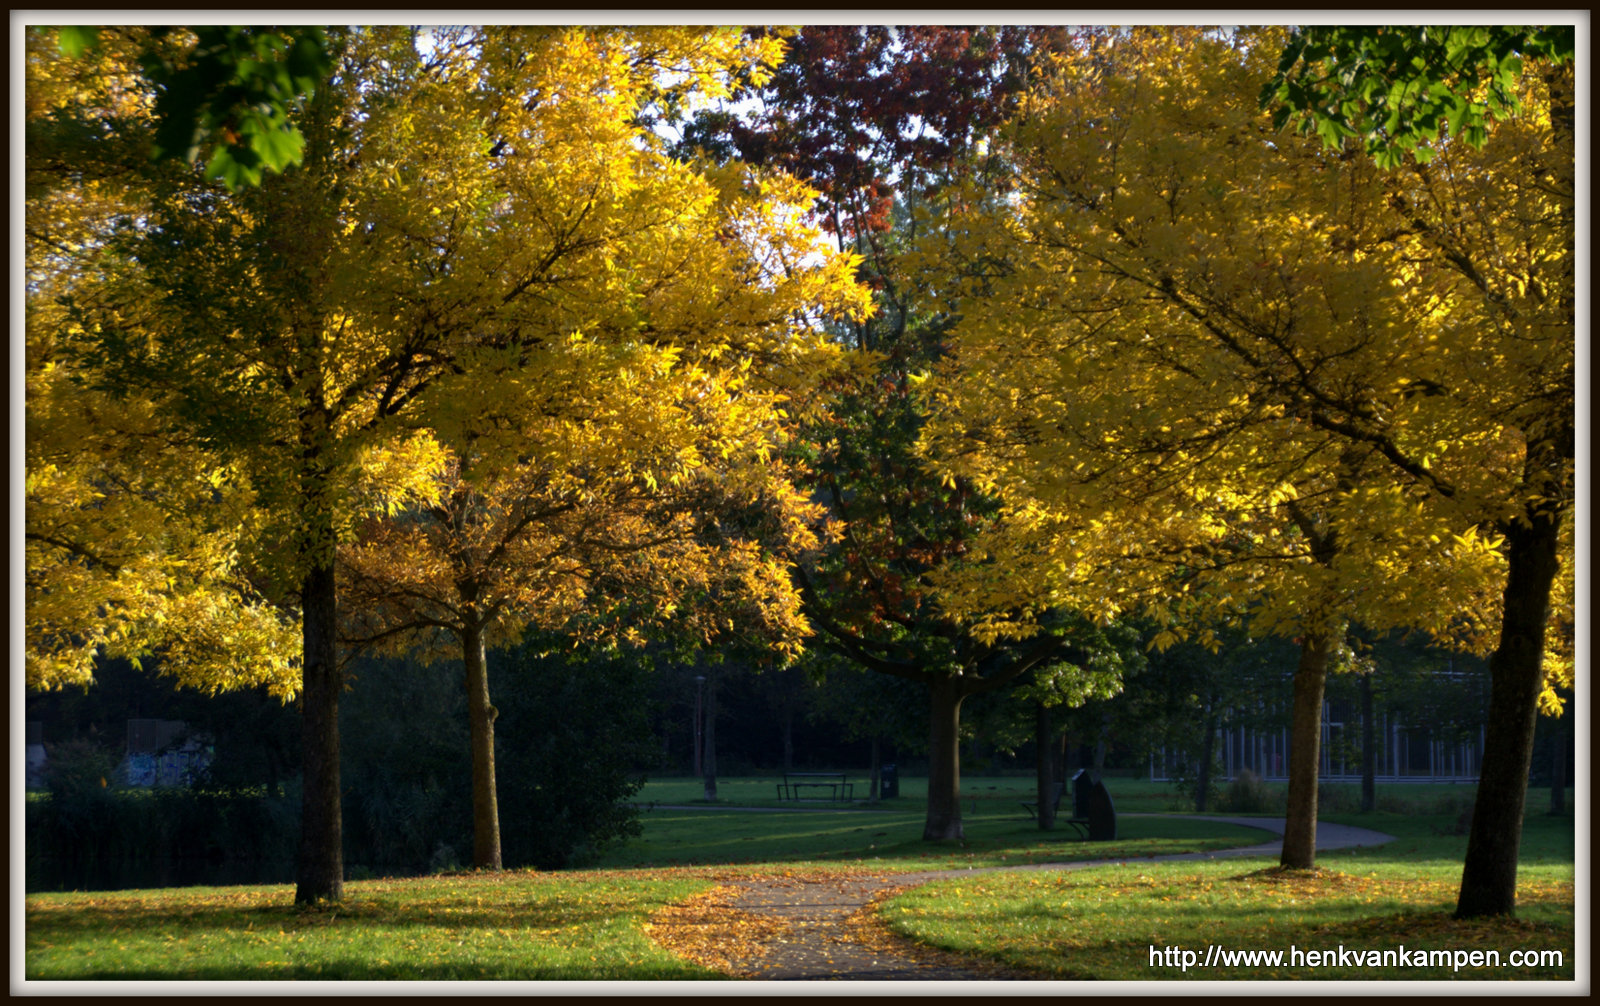 Parkhout, Nieuwegein